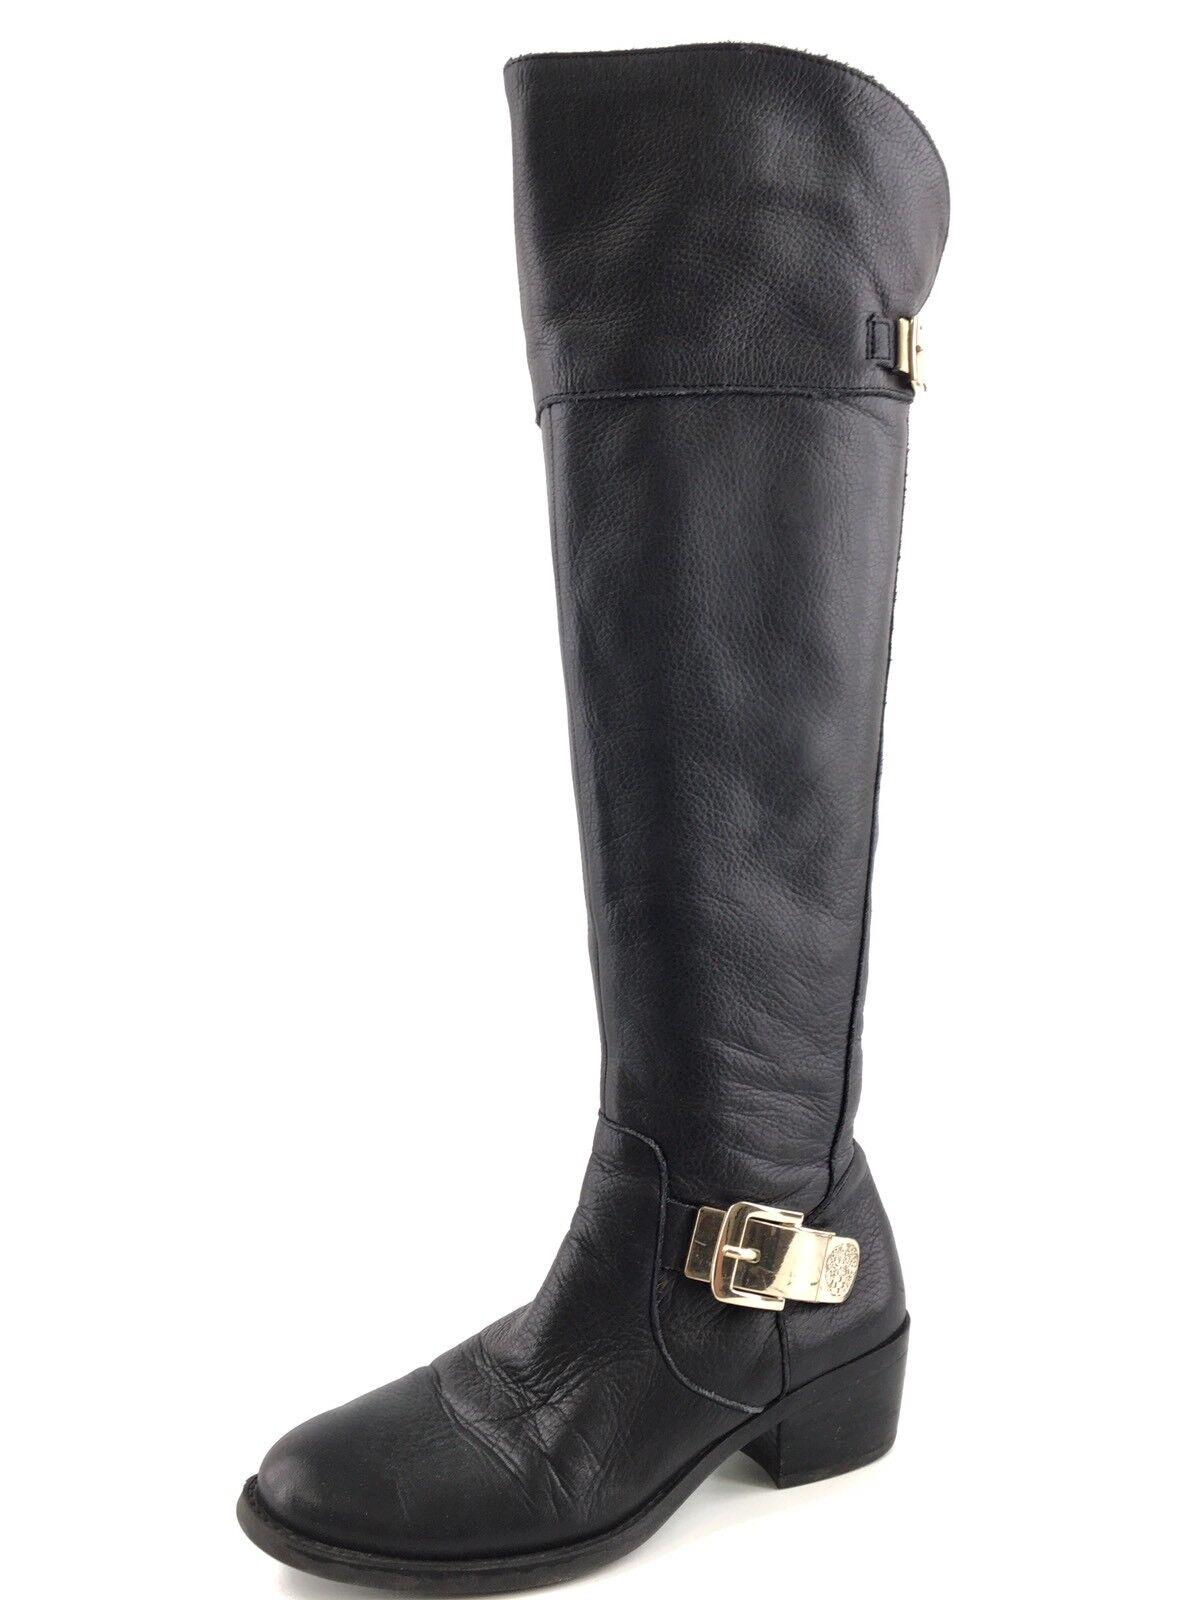 diseñador en linea Vince Camuto Bocca Cuero Negro Sobre La La La Rodilla botas Hebilla para Mujer M 0060  más descuento